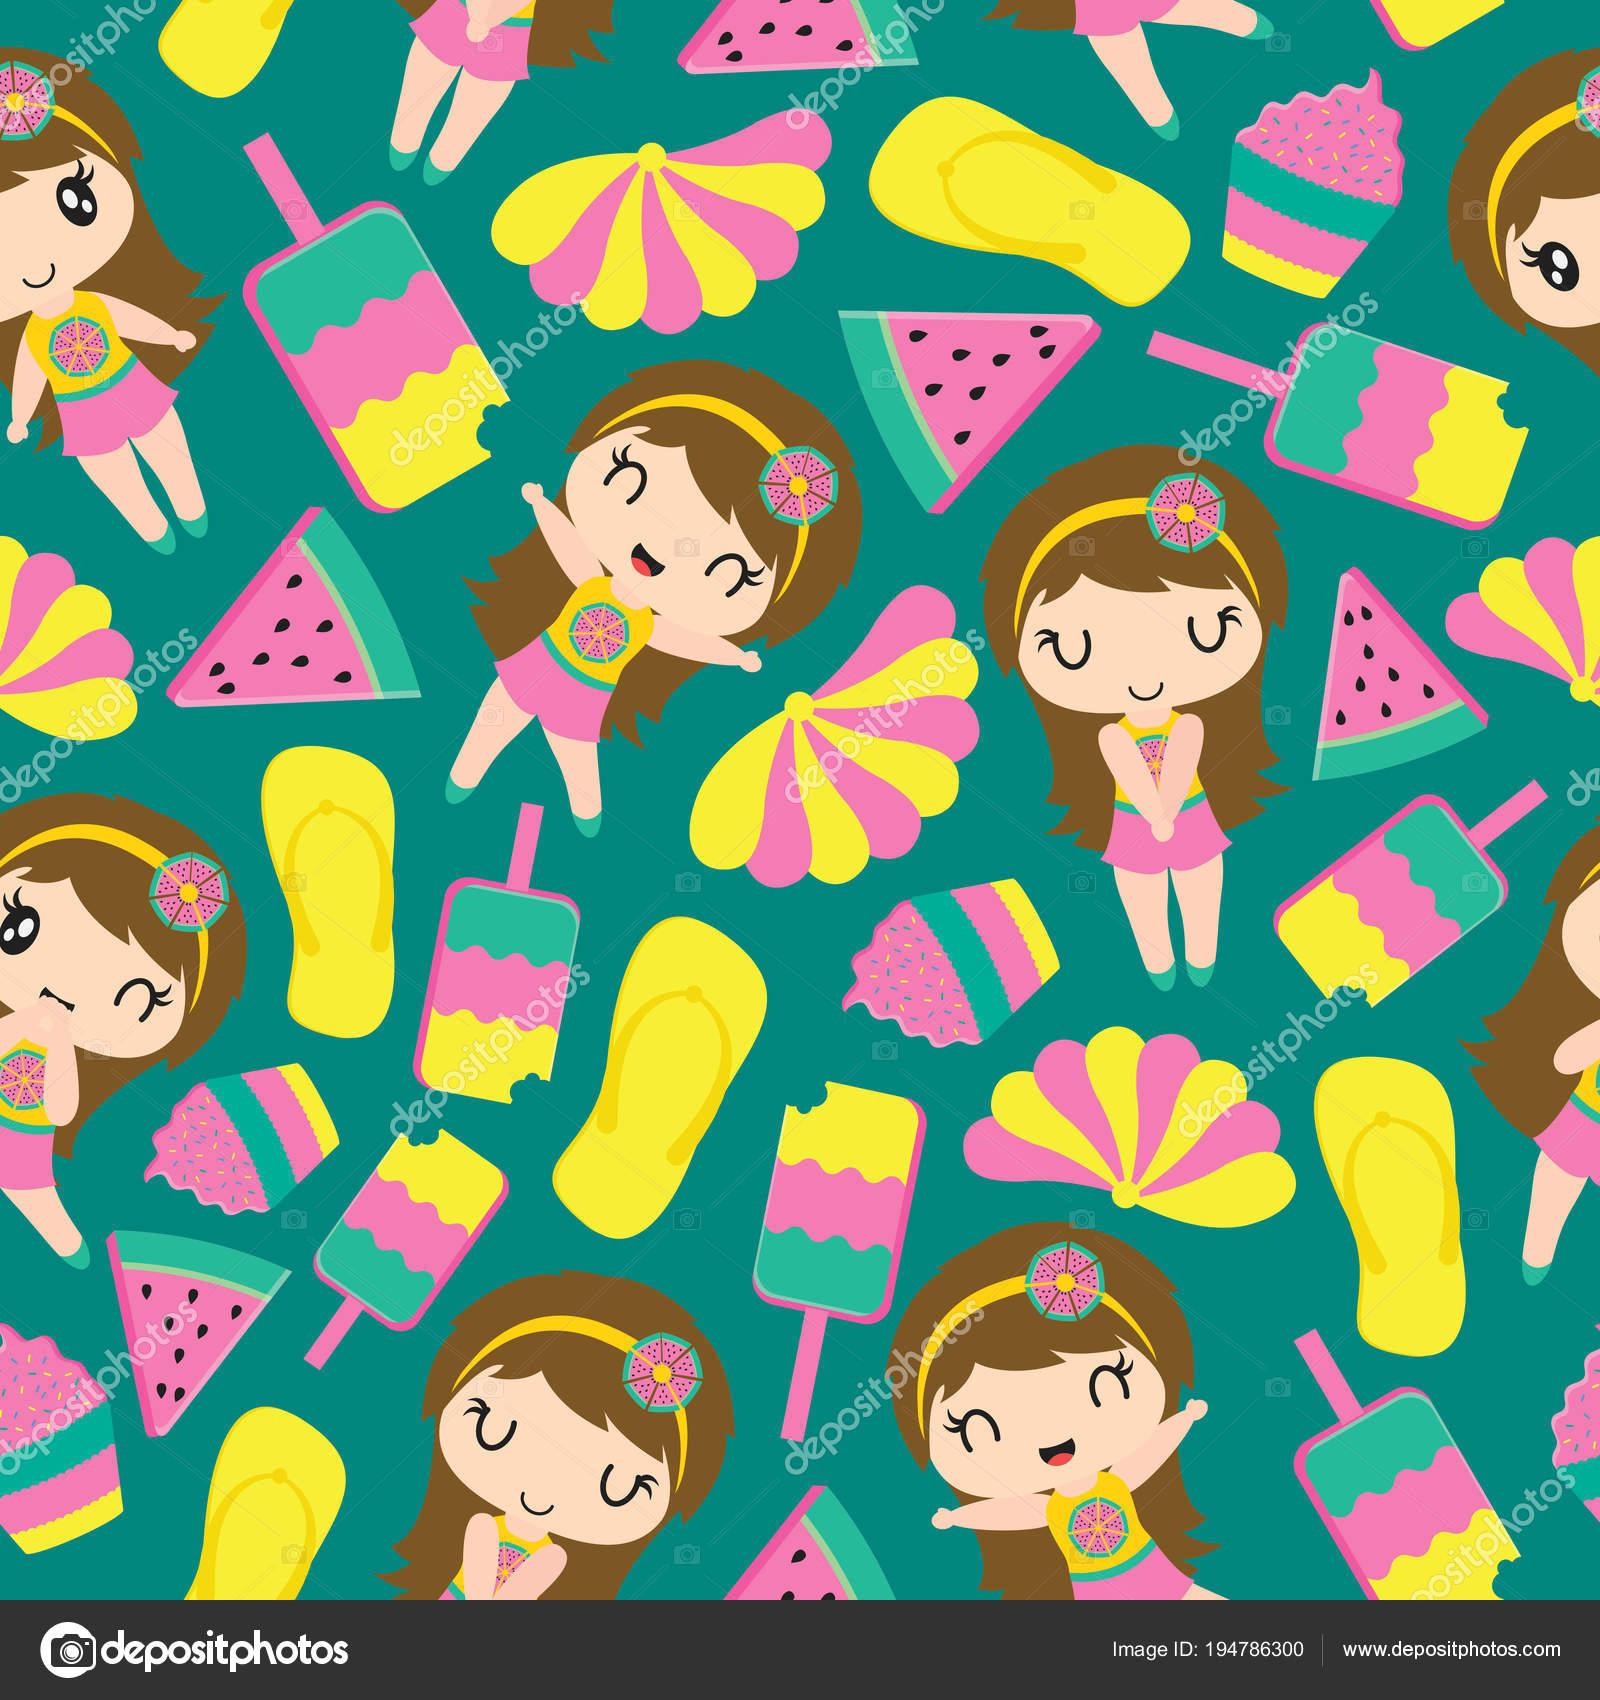 かわいい女の子と夏要素ベクトル漫画壁紙 子供の布の服 子供の包装紙の